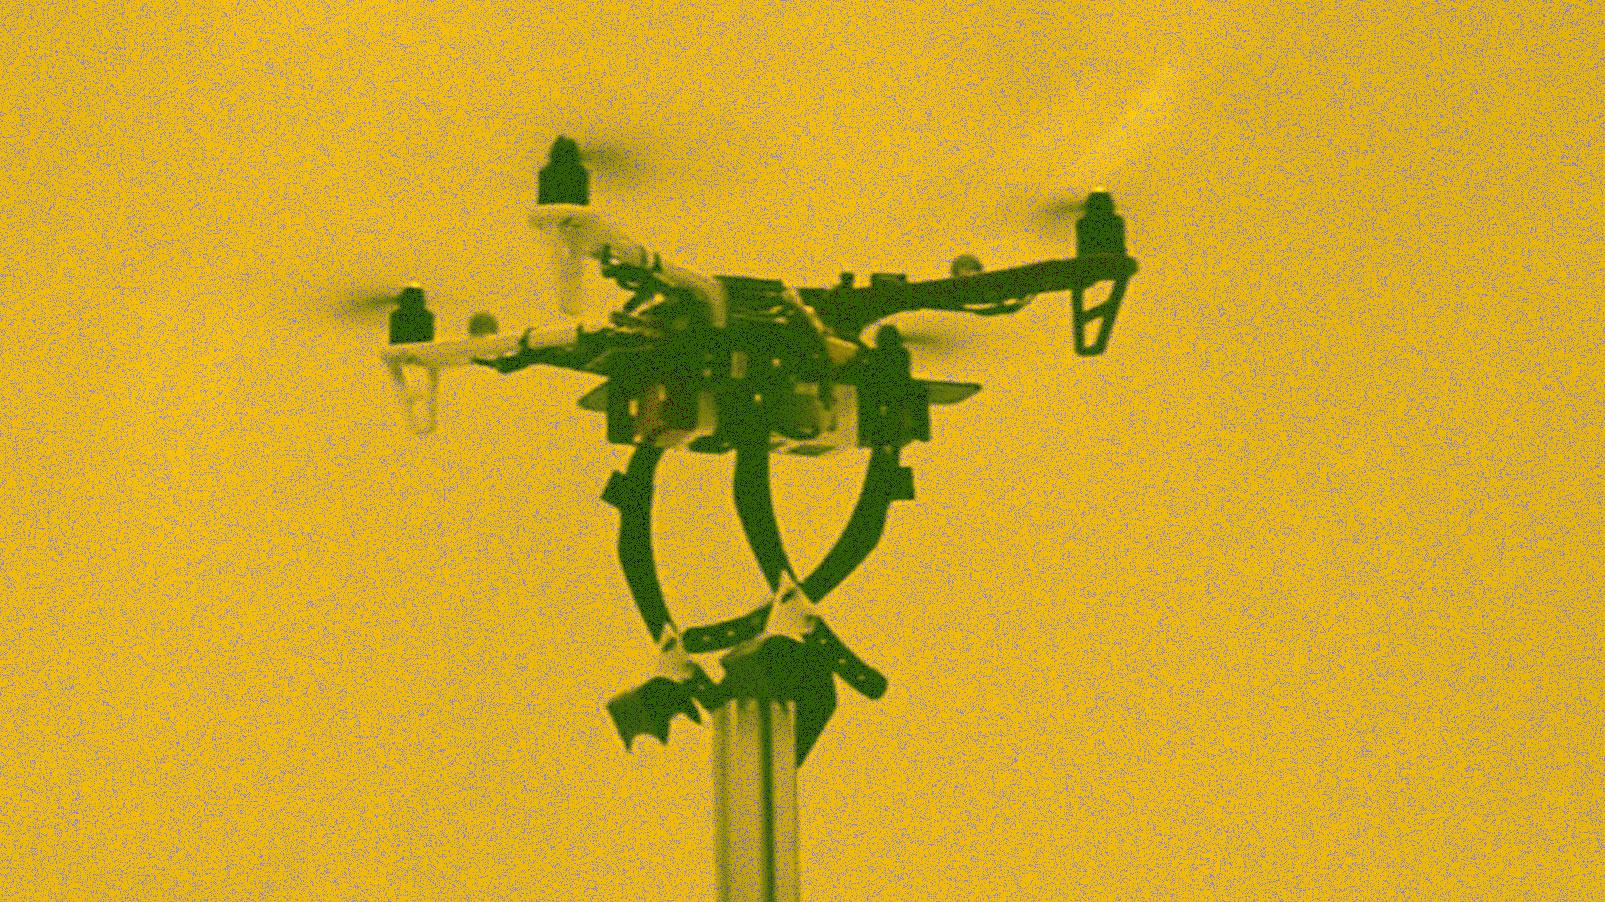 La importancia de que este dron sea capaz de posarse como un pájaro